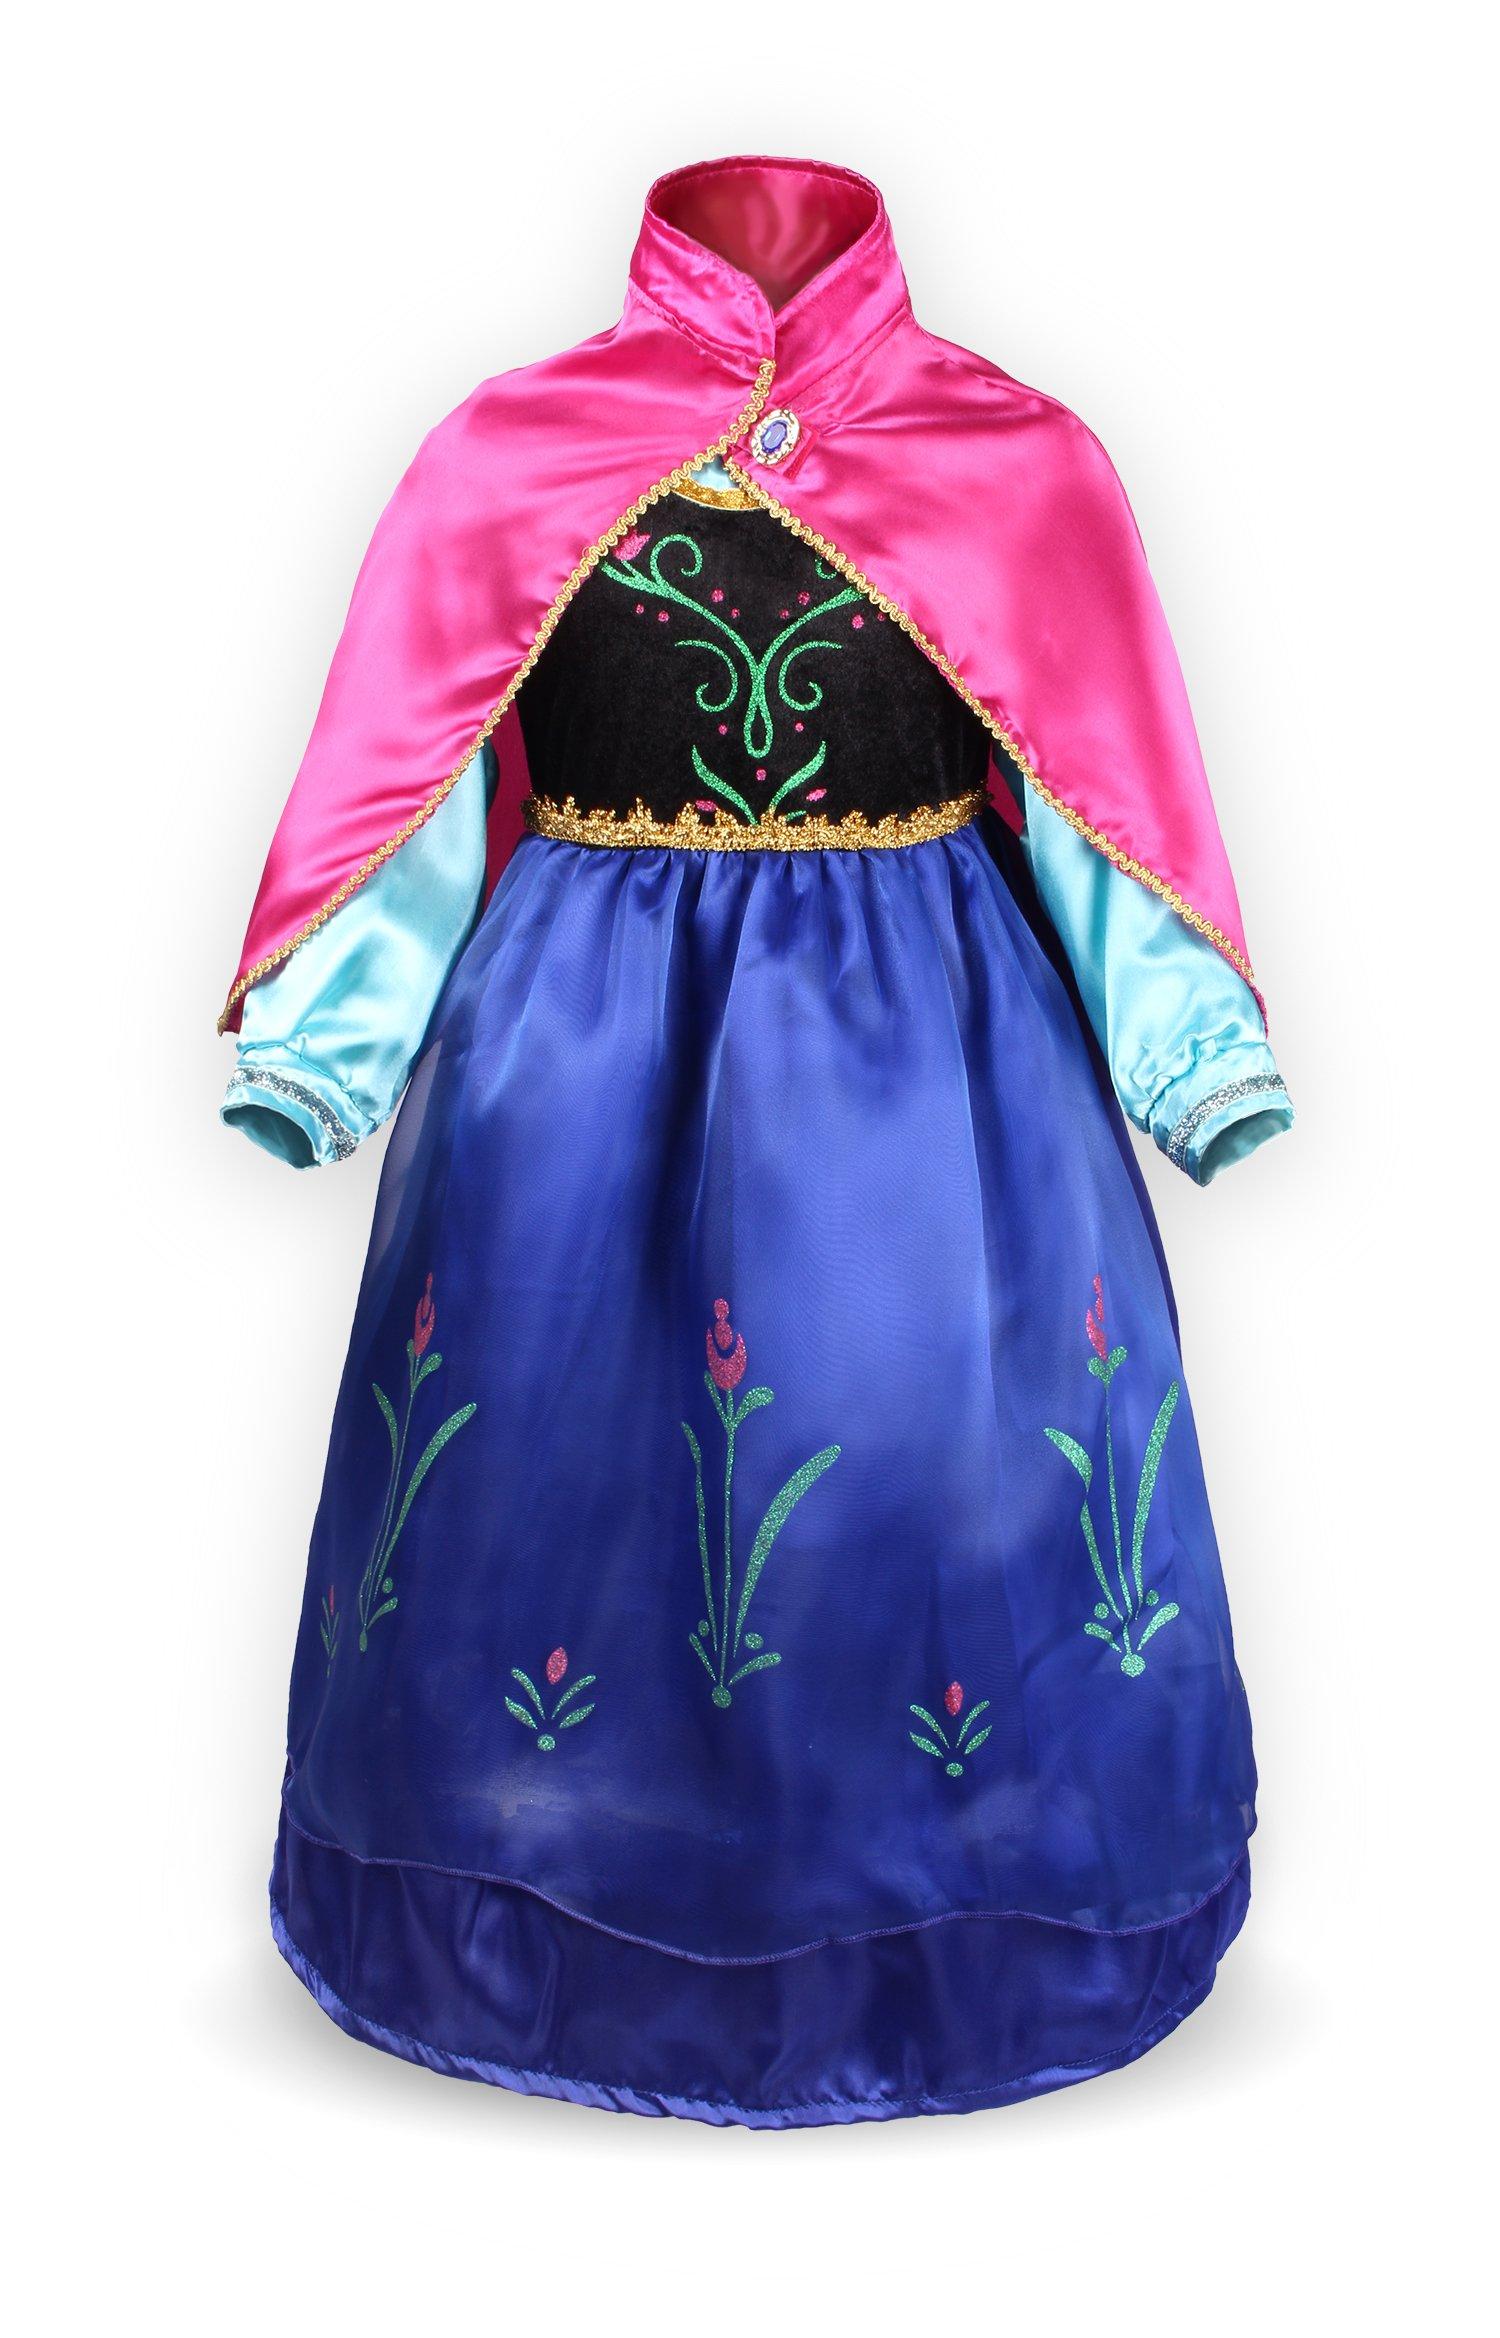 Prinzessin anna kleid hochzeit